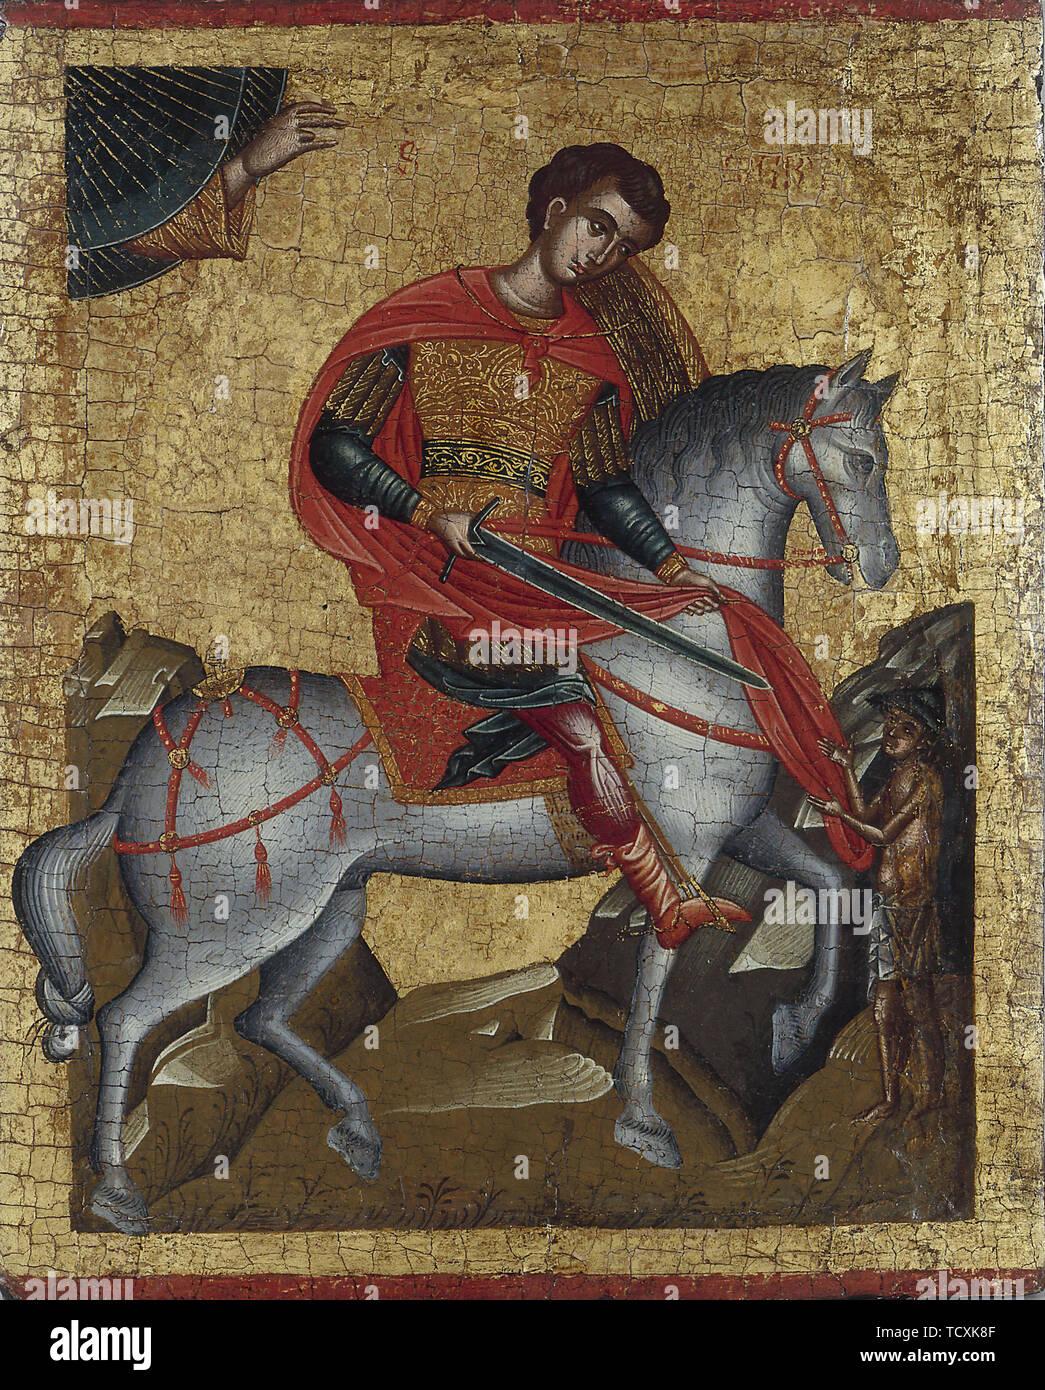 Saint Martin, c. 1500. Found in the Collection of Petit Palais, Musée des Beaux-Arts de la Ville de Paris. - Stock Image